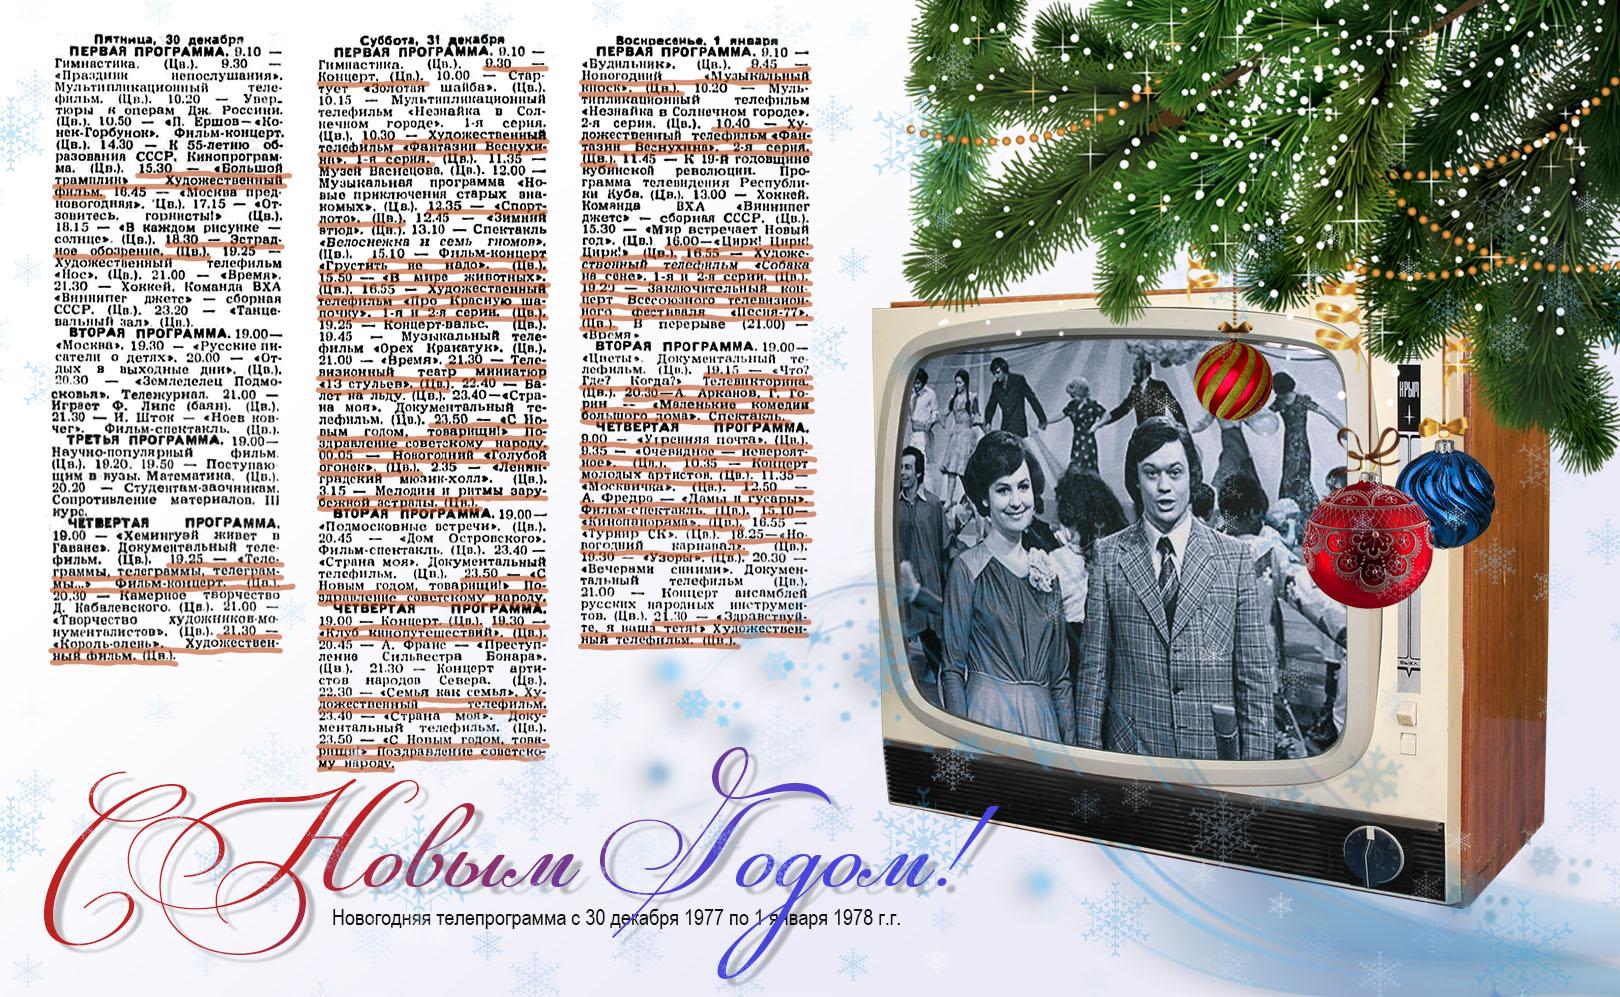 Новогодняя телепрограмма 1977-1978.jpg